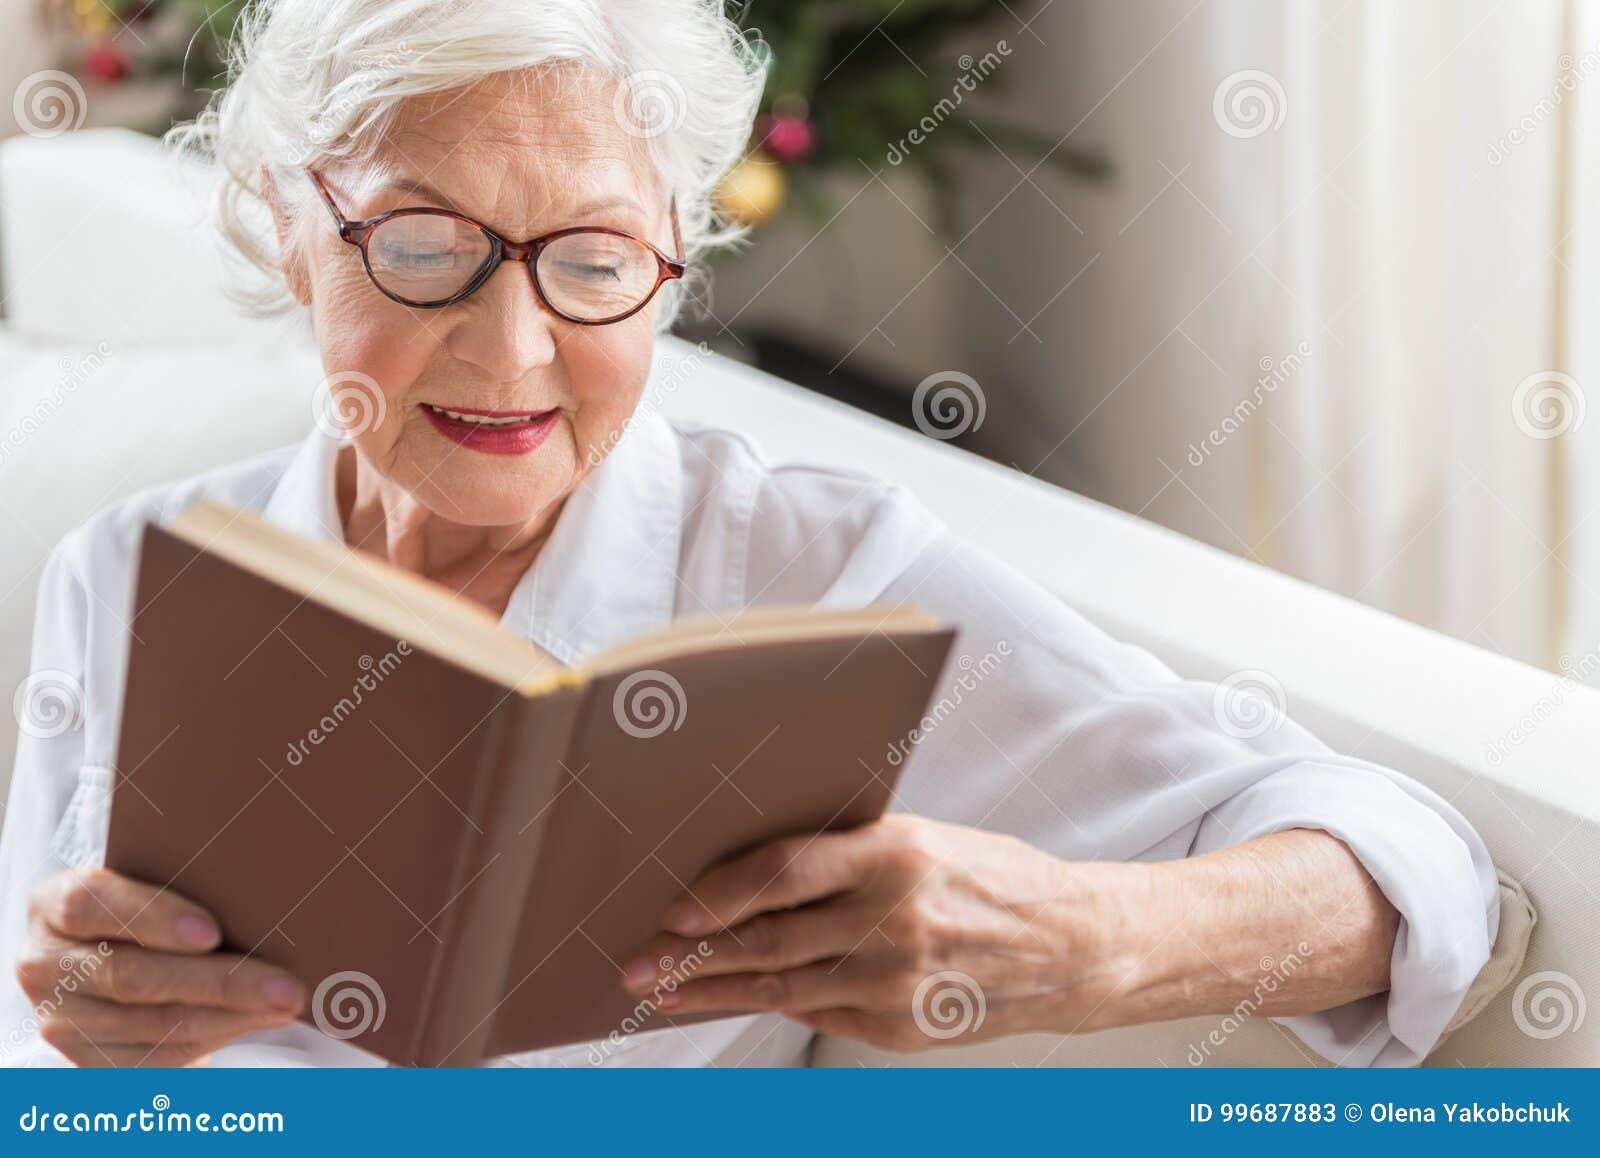 Mature story woman